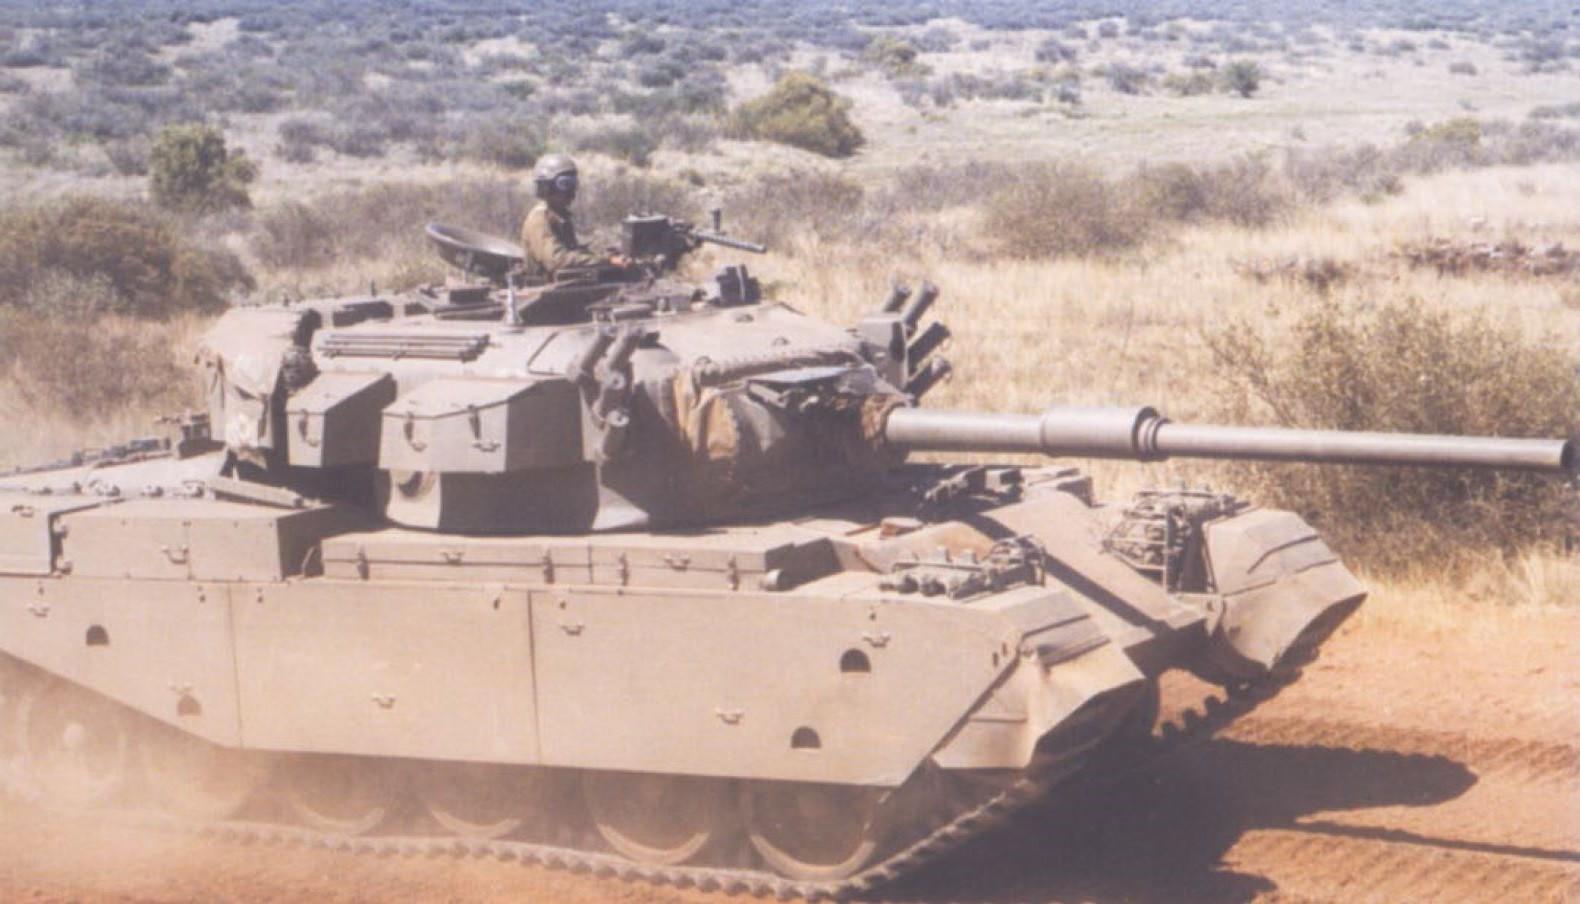 Un Olifant Mk1 sudafricano en movimiento.